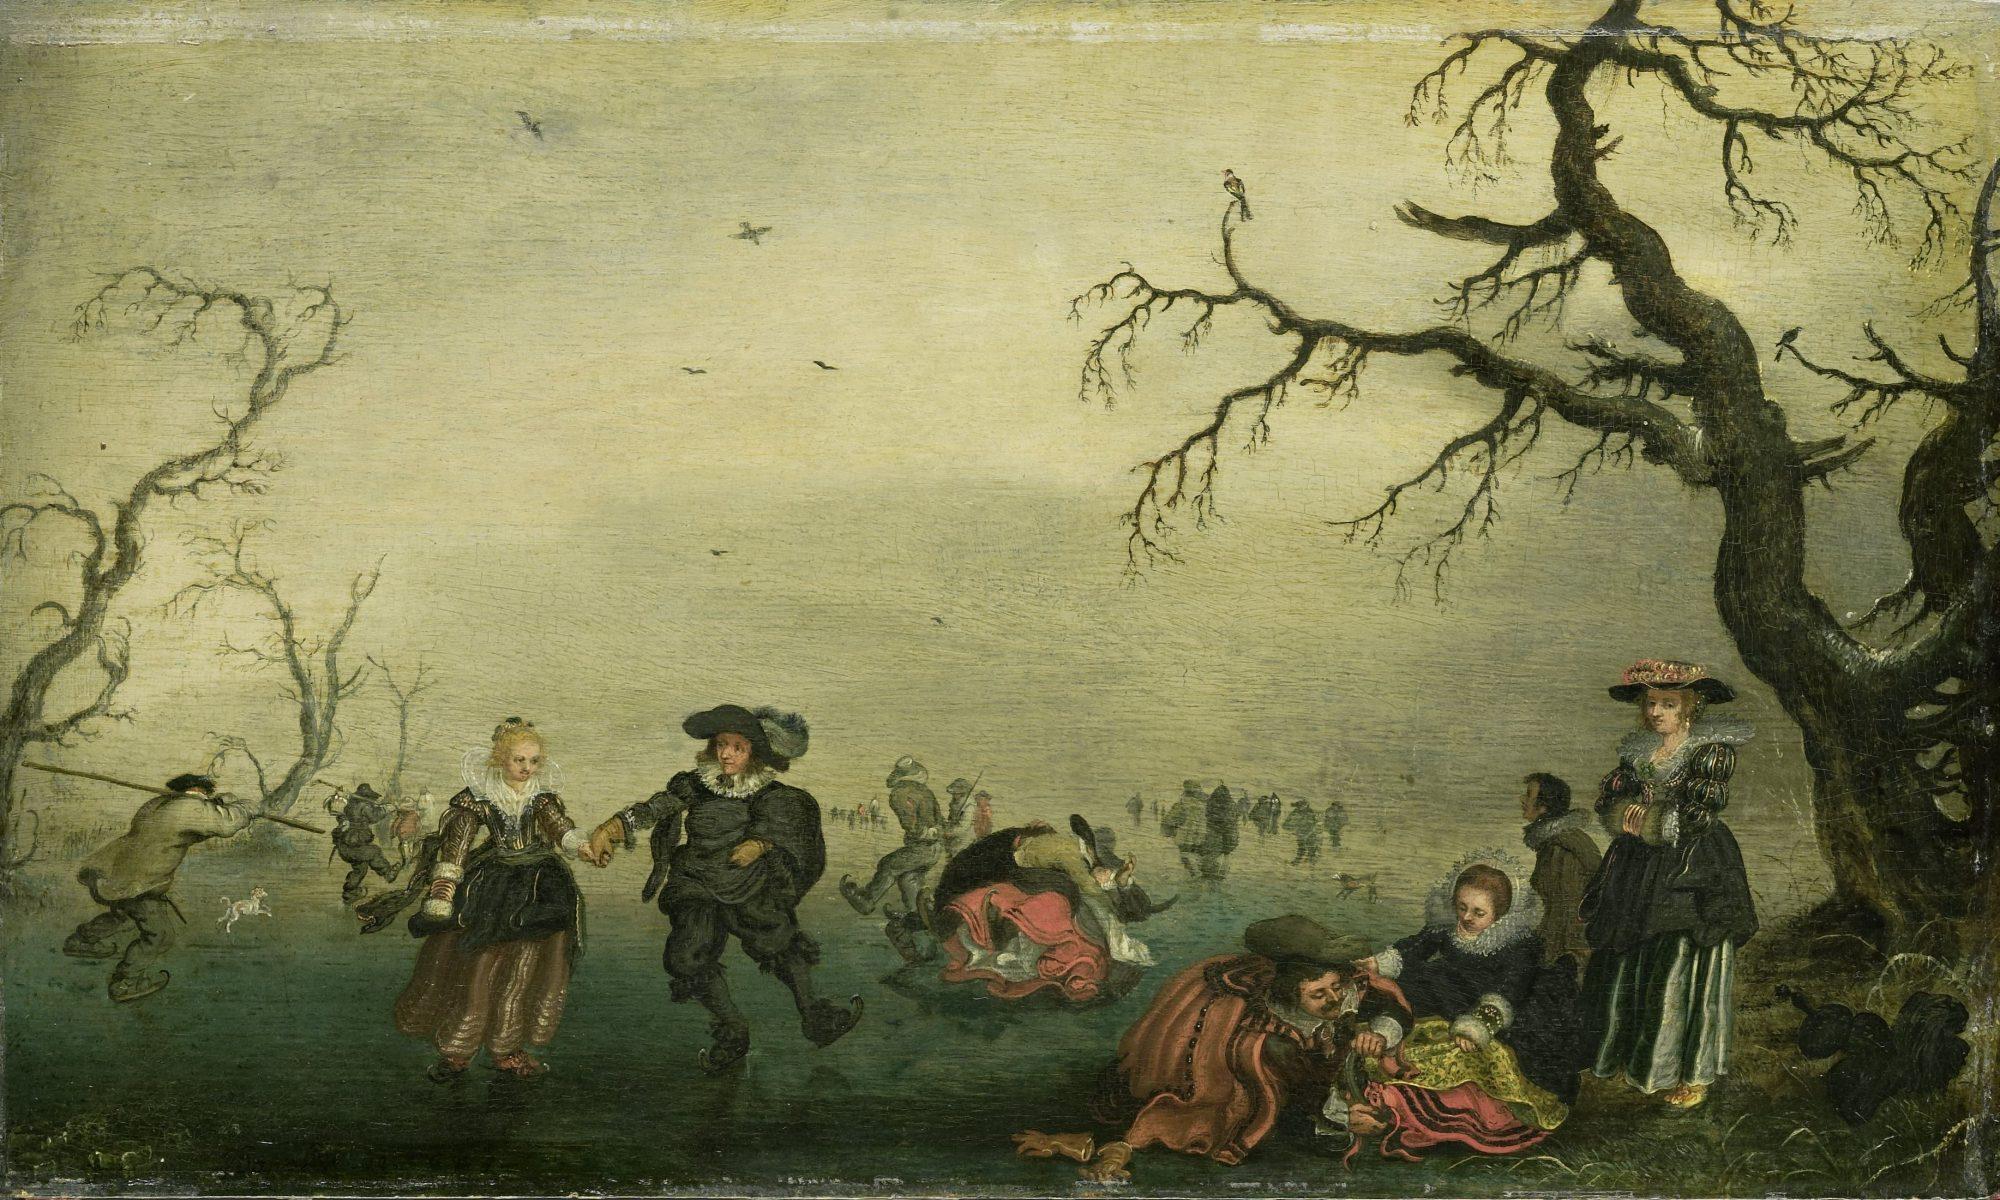 Schaatsenrijders, Adriaen Pietersz. van de Venne, 1625, Rijksmuseum, Public Domain: https://www.rijksmuseum.nl/nl/collectie/SK-A-1768